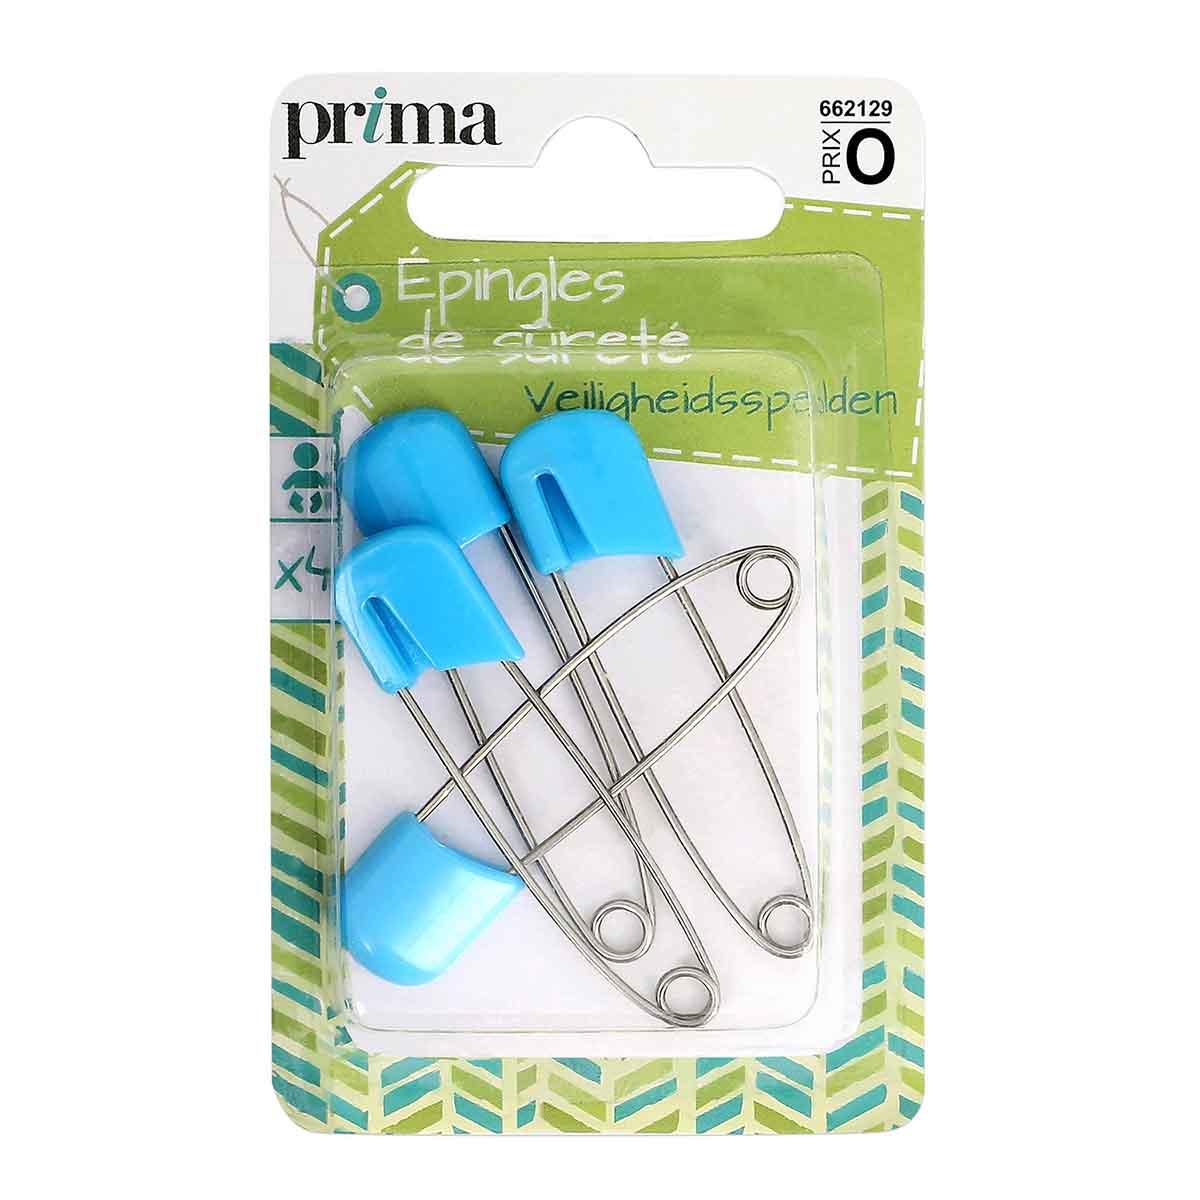 Épingles de sûreté bébé x4 bleu avec pack - Prima Mercerie